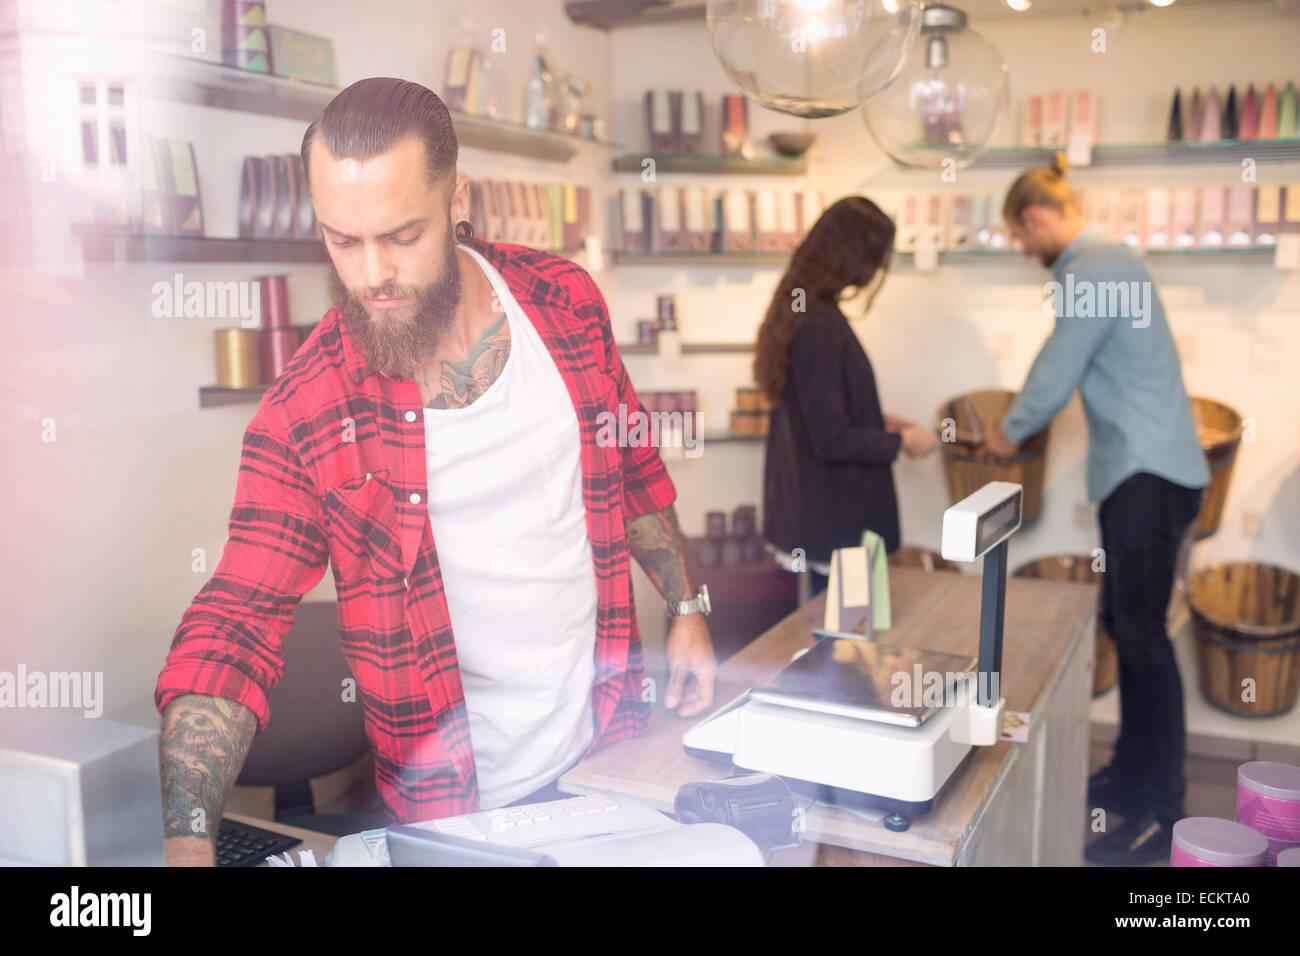 Eigentümer an Kasse beim Kunden einkaufen im Hintergrund stehend Stockbild